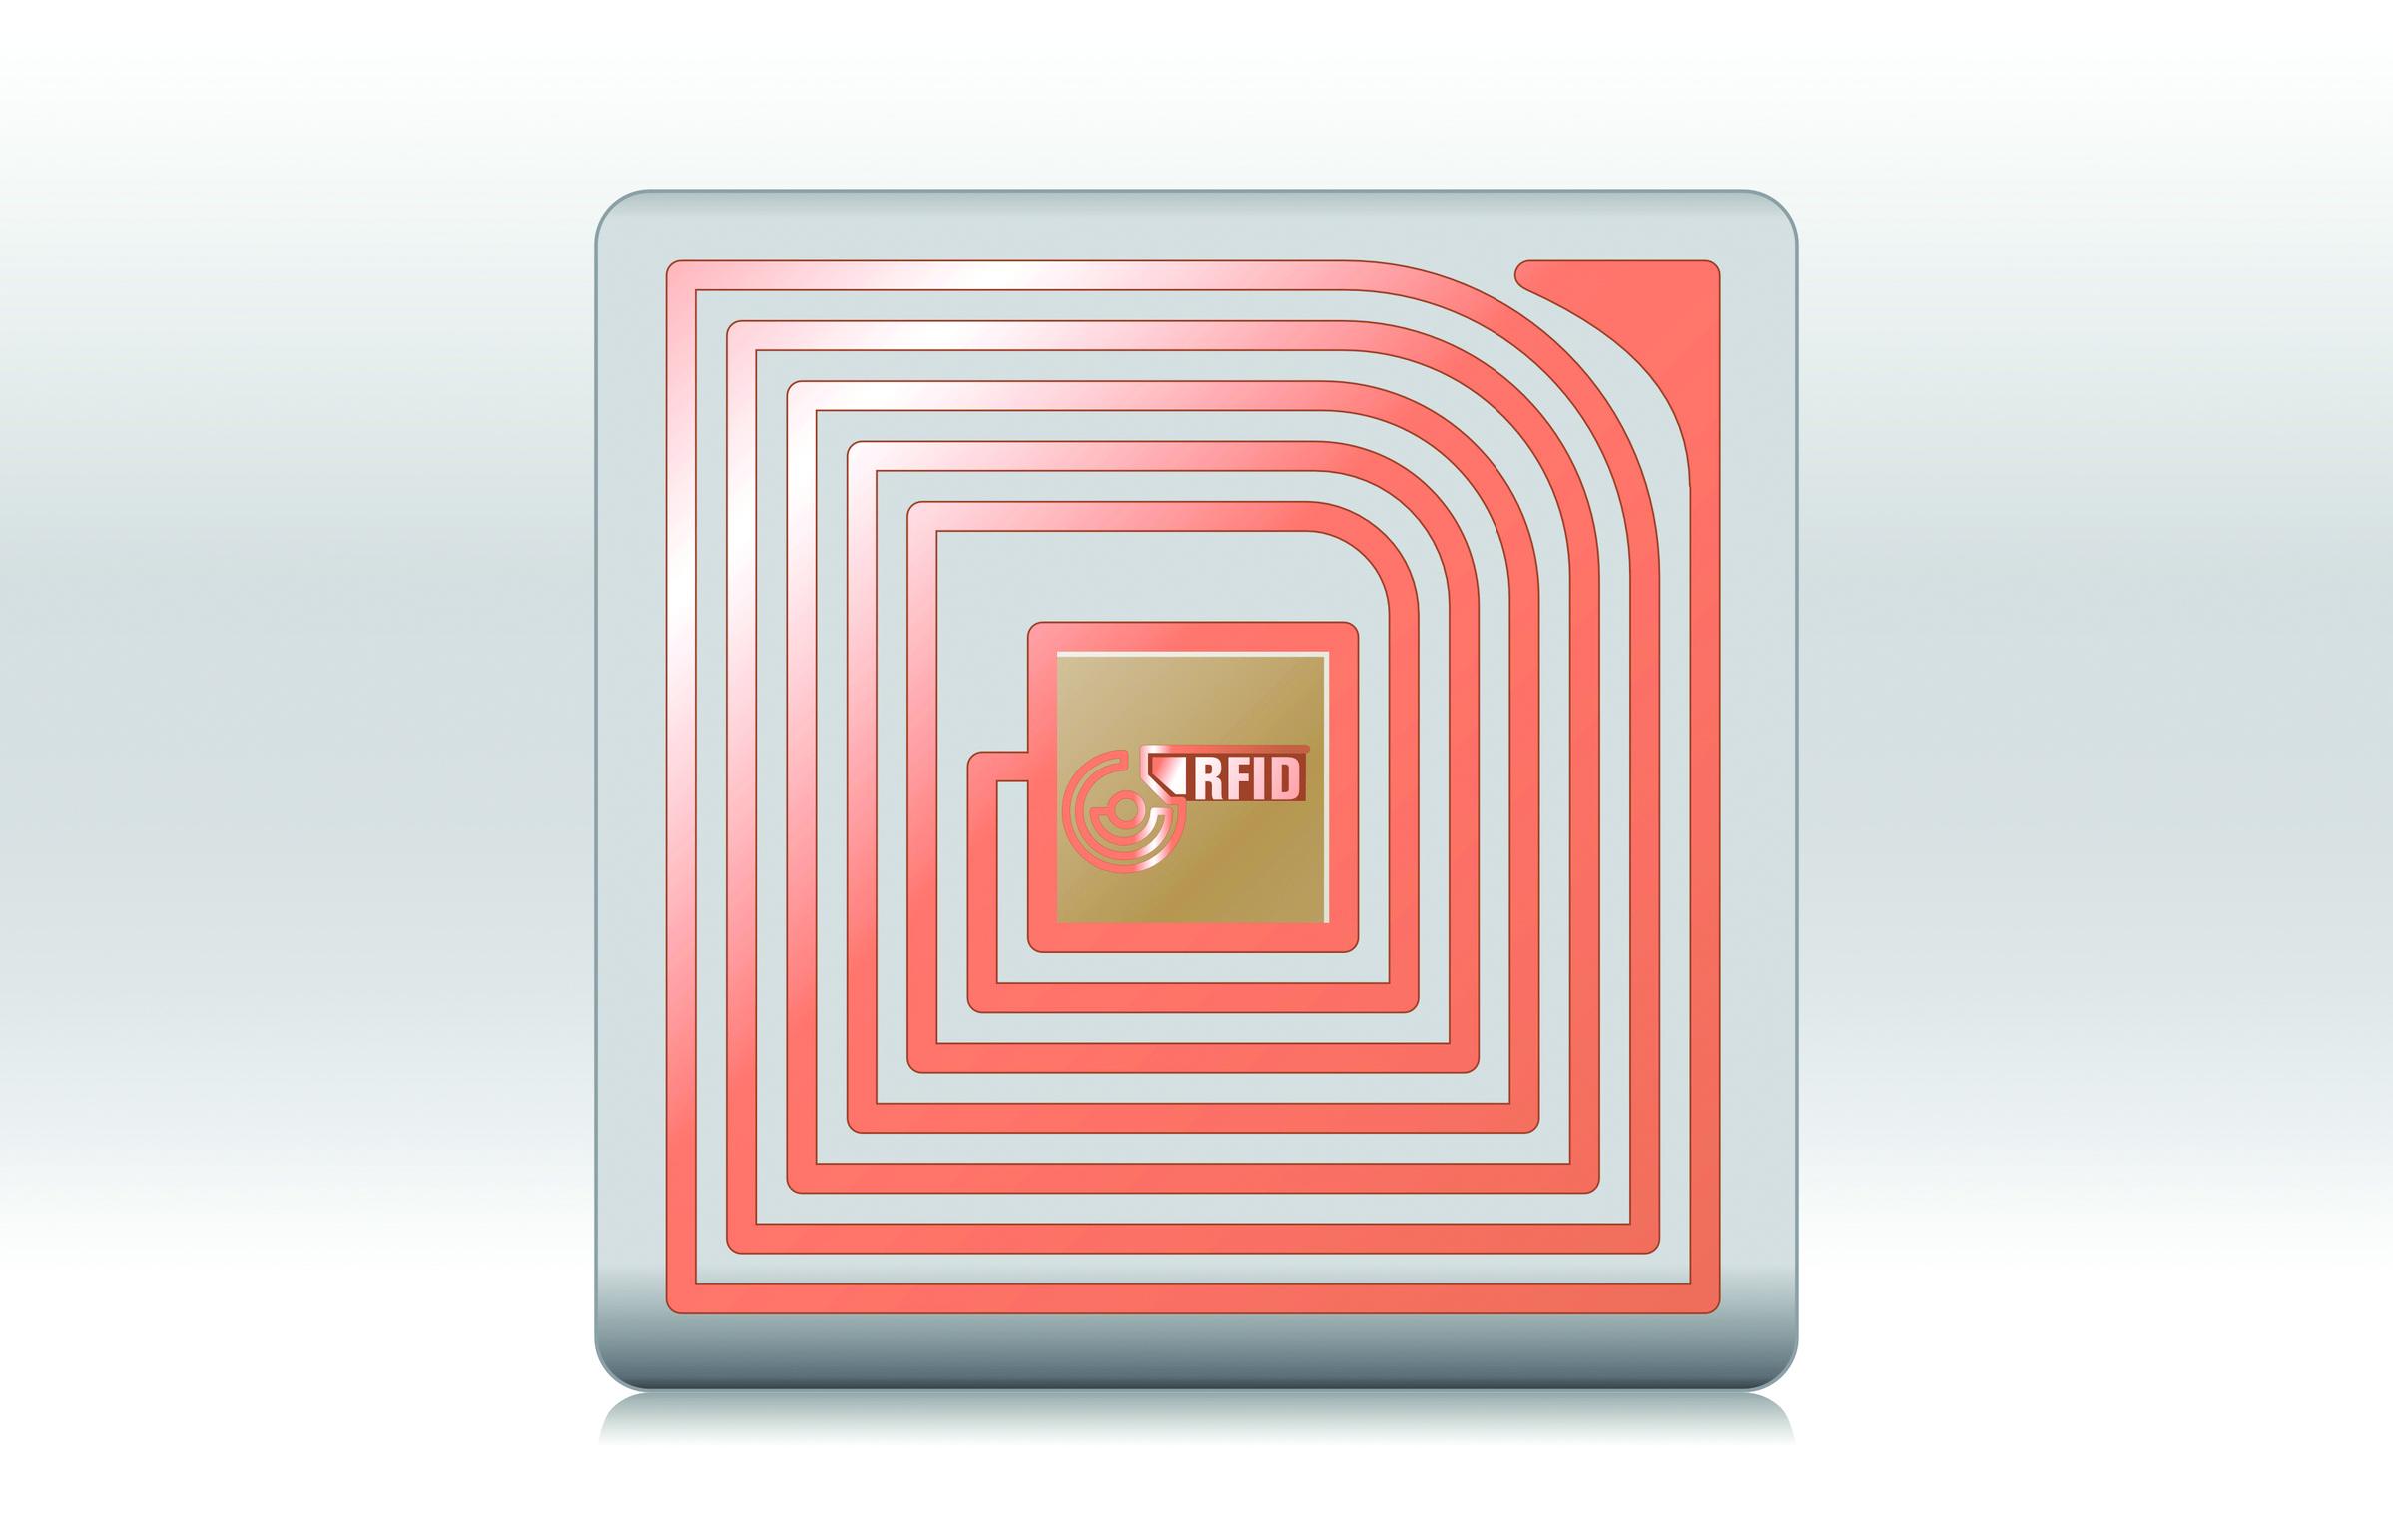 puce RFID